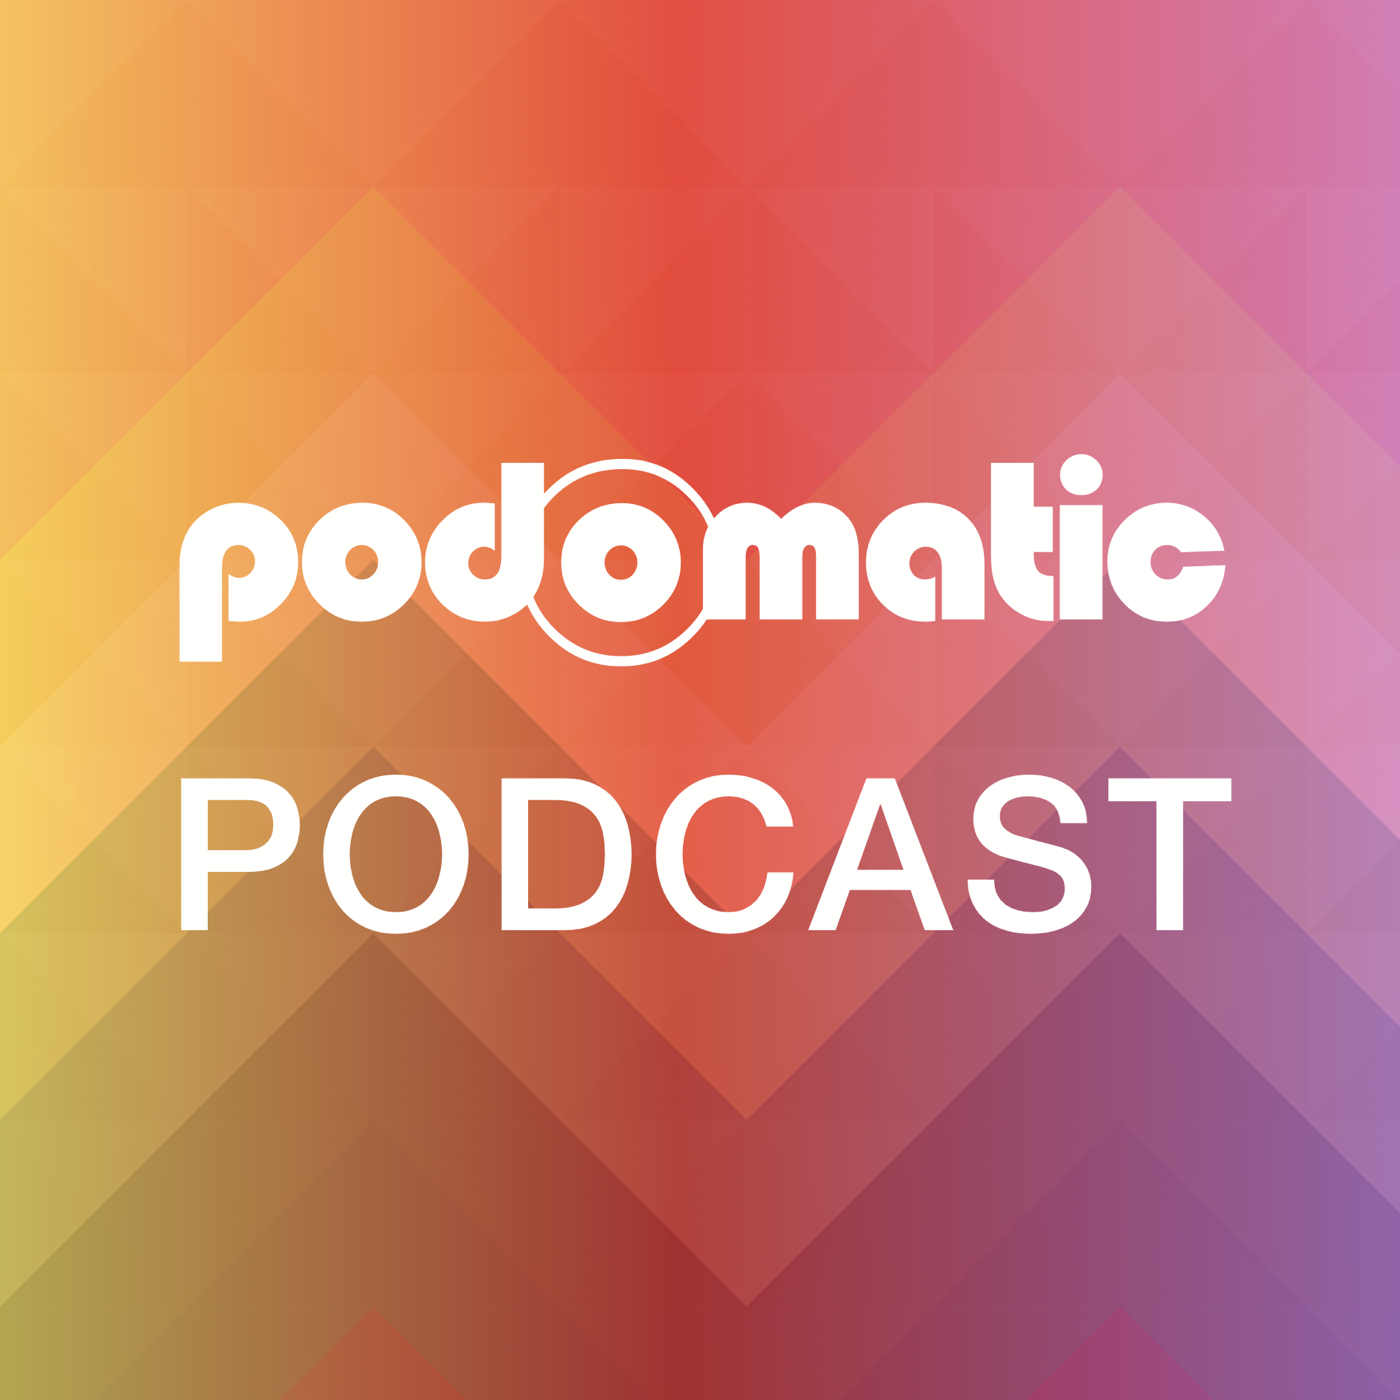 stnicholashamilton's Podcast